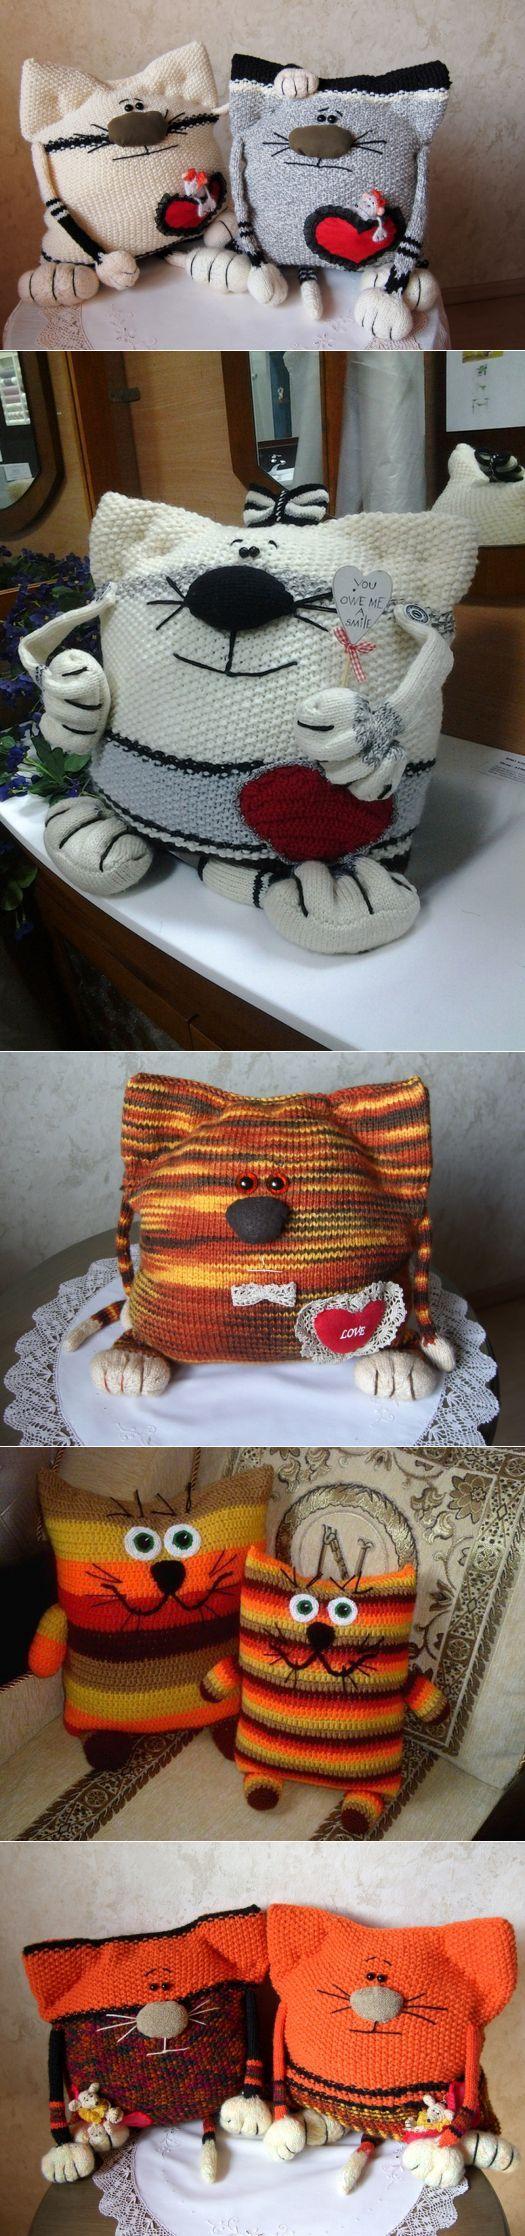 Вязаные спицами подушки-коты | Лаборатория домашнего хозяйства..Можно использовать стары свитера: